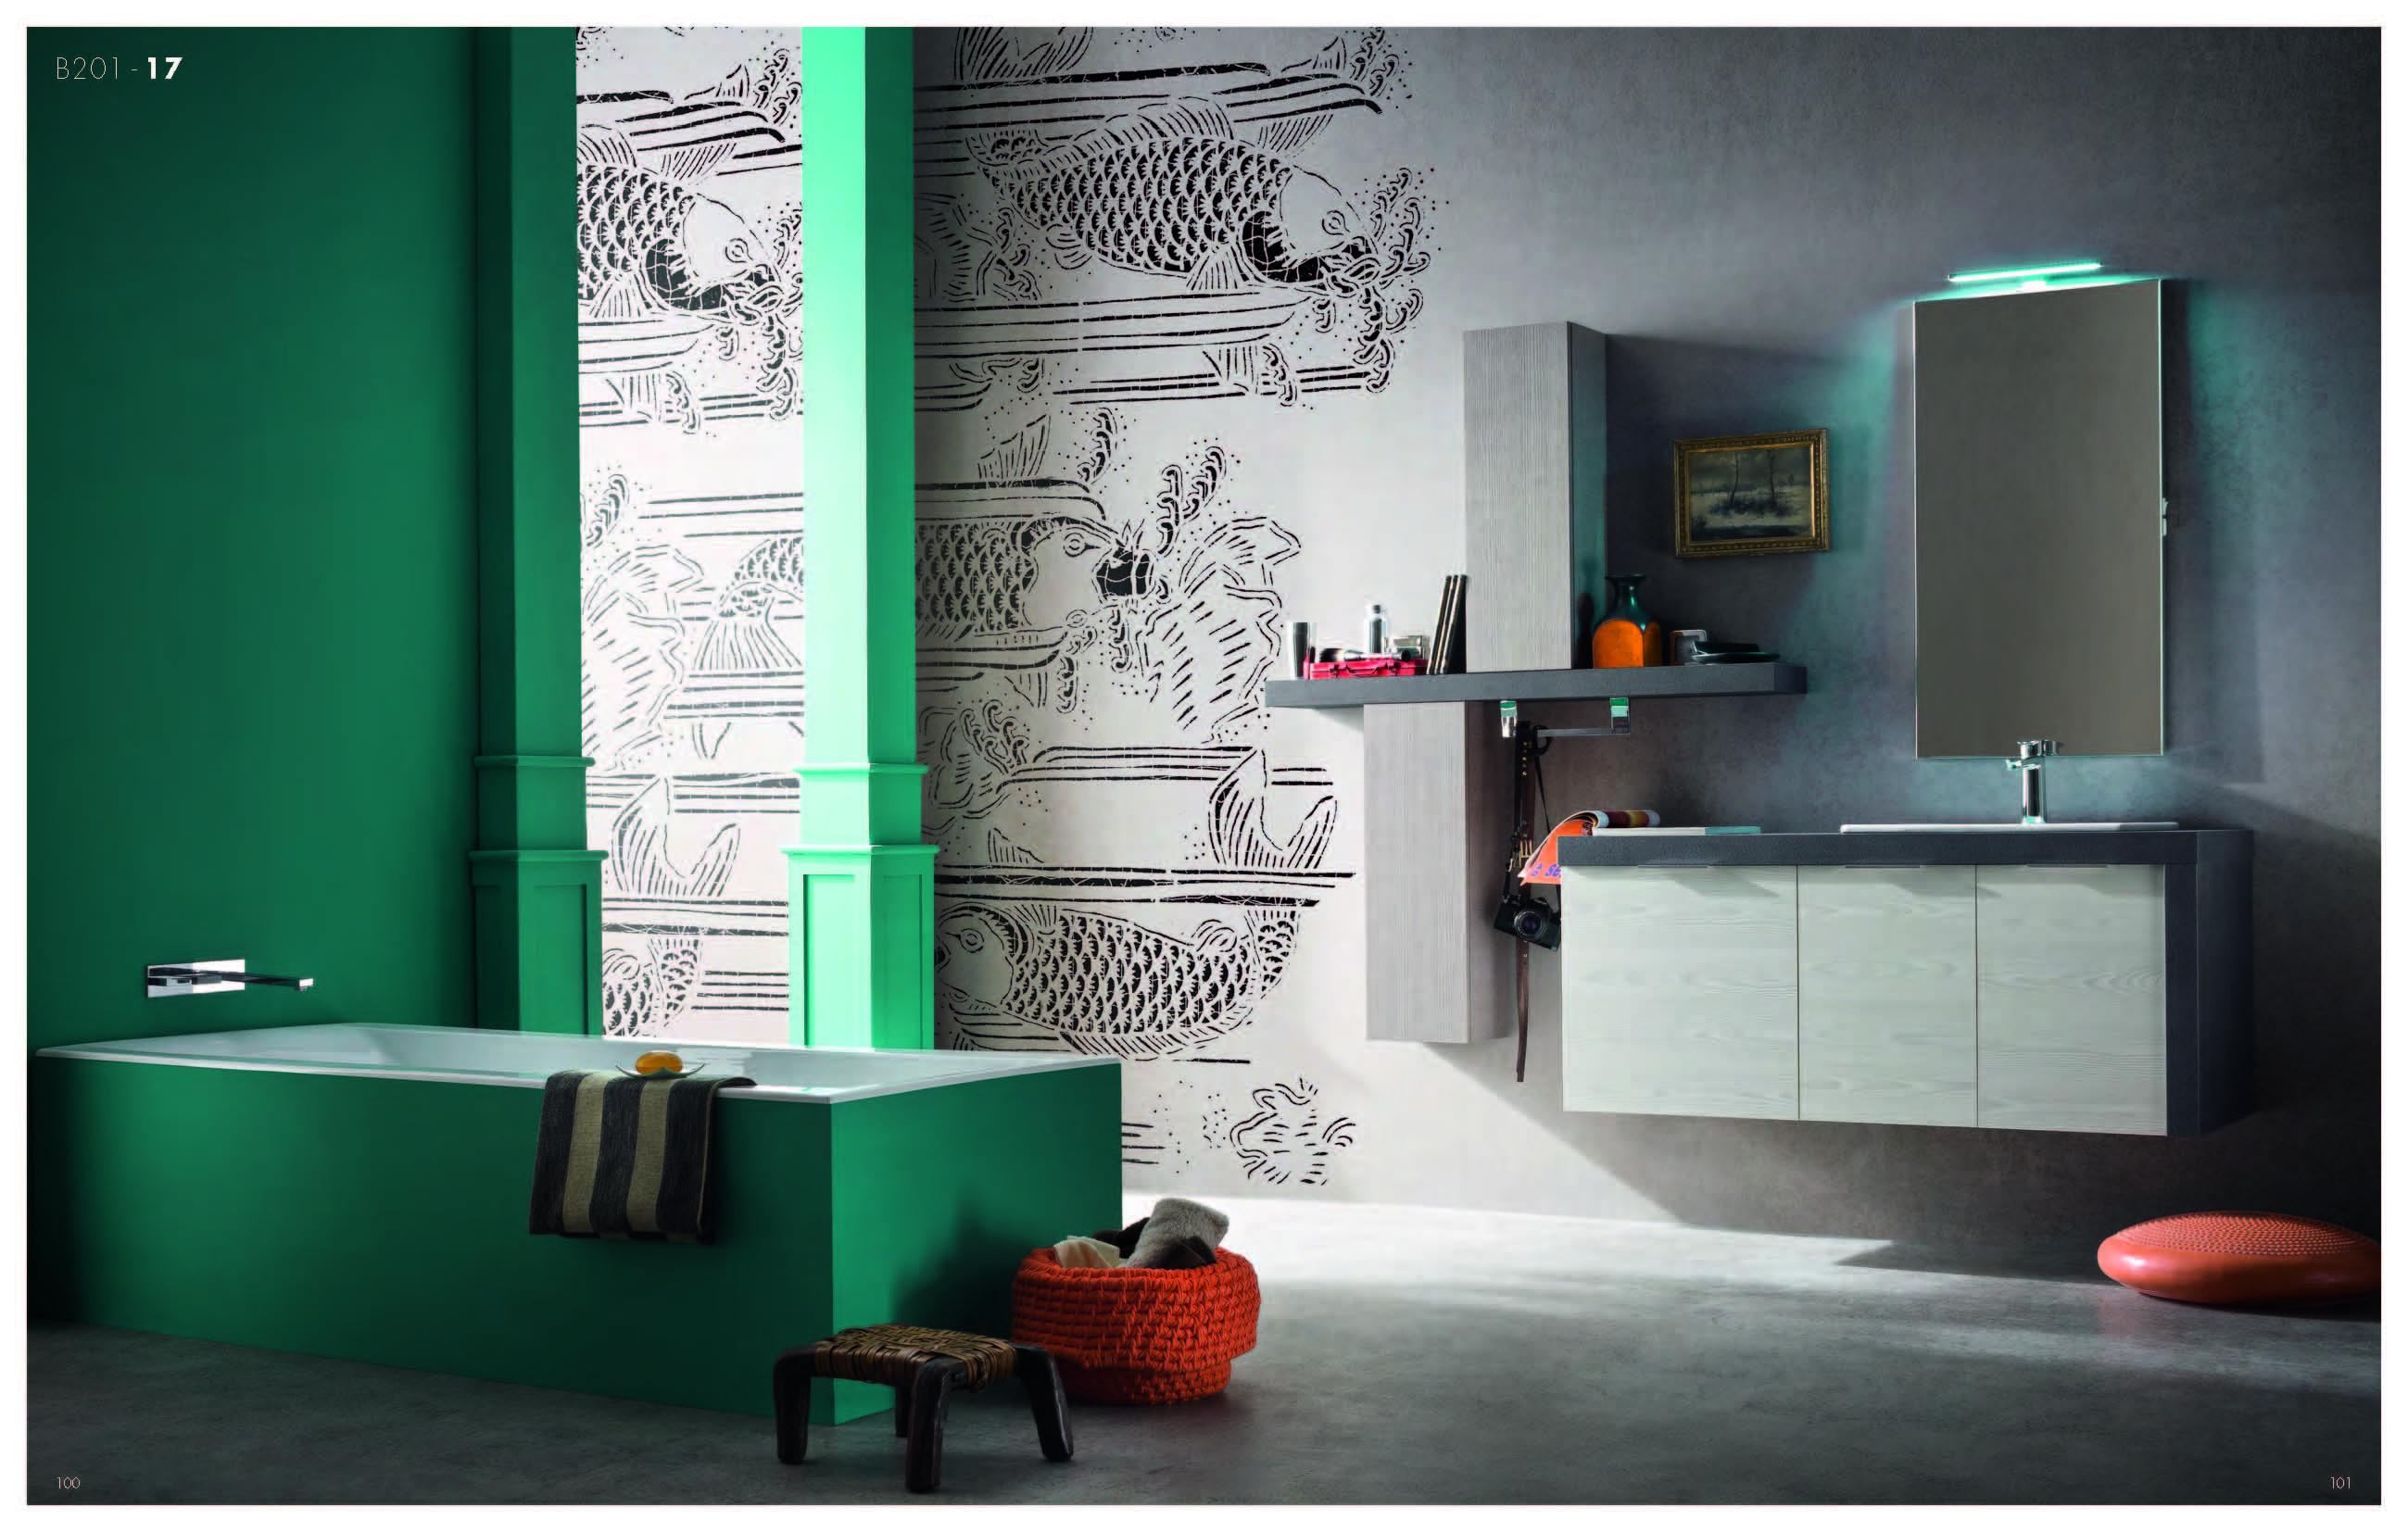 Vendita online mobili design specchiera da parete di for Vendita di mobili